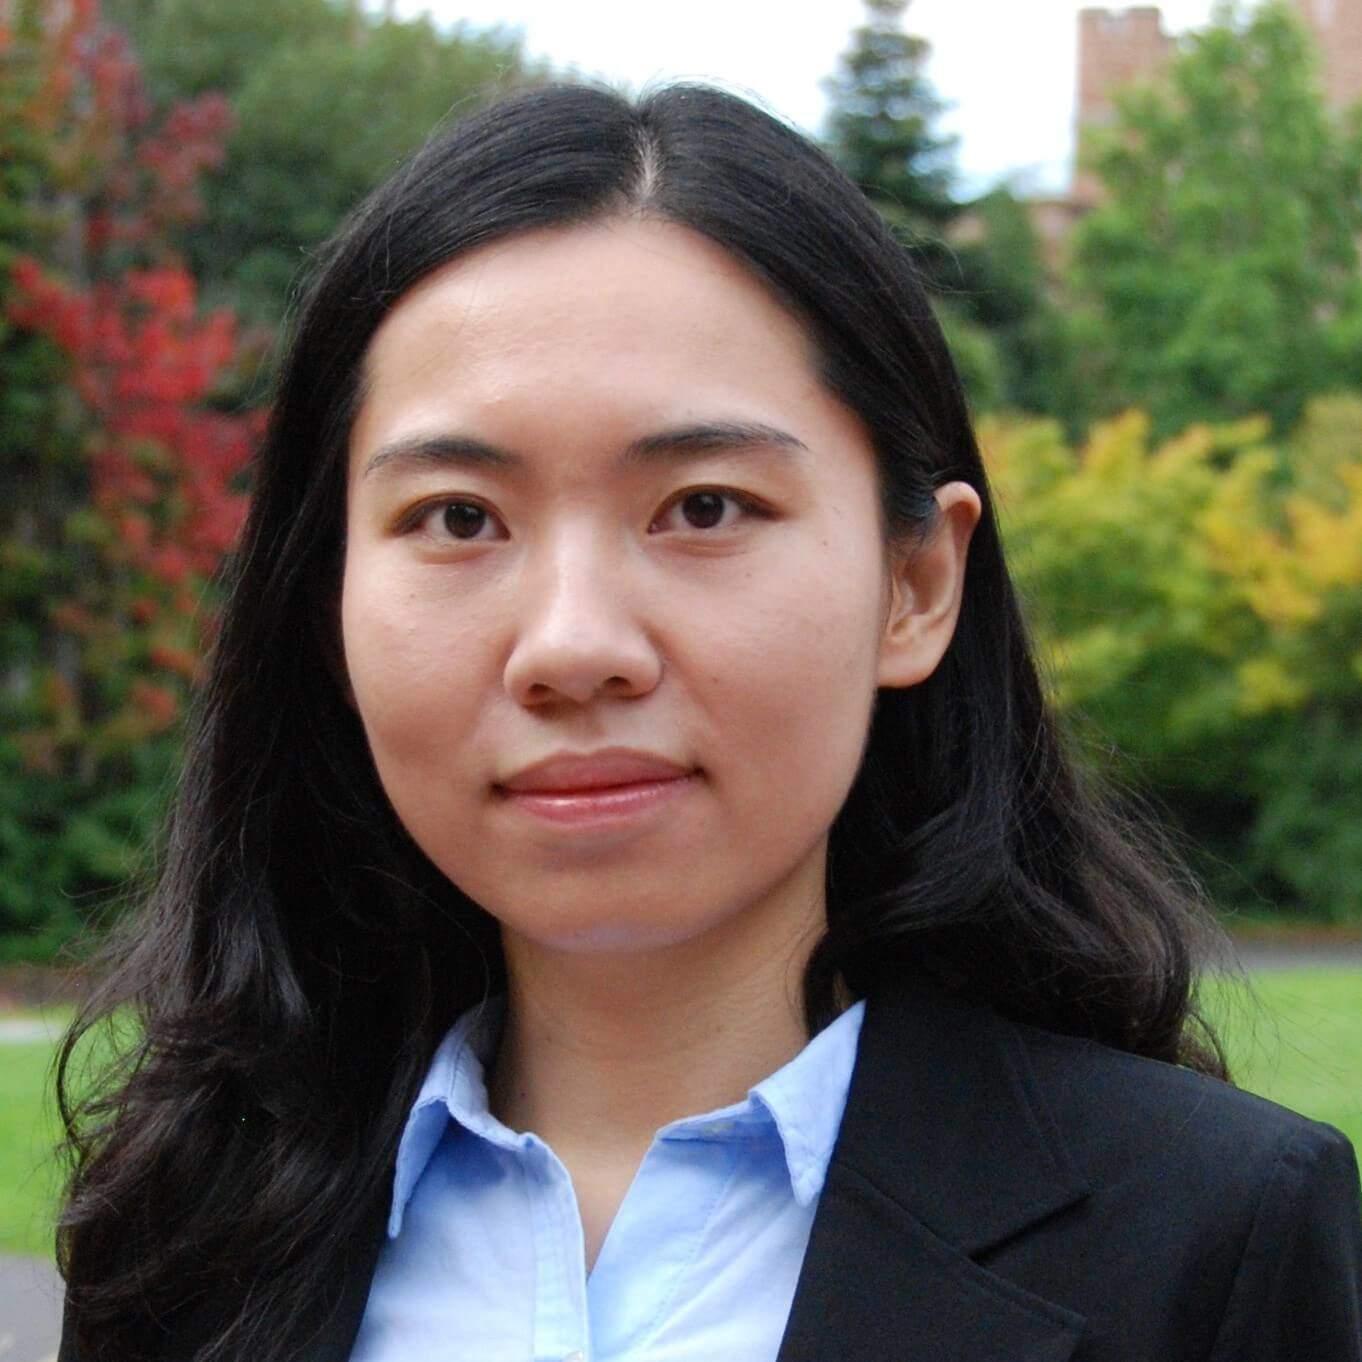 Jingyuan Dai : Graduate Student